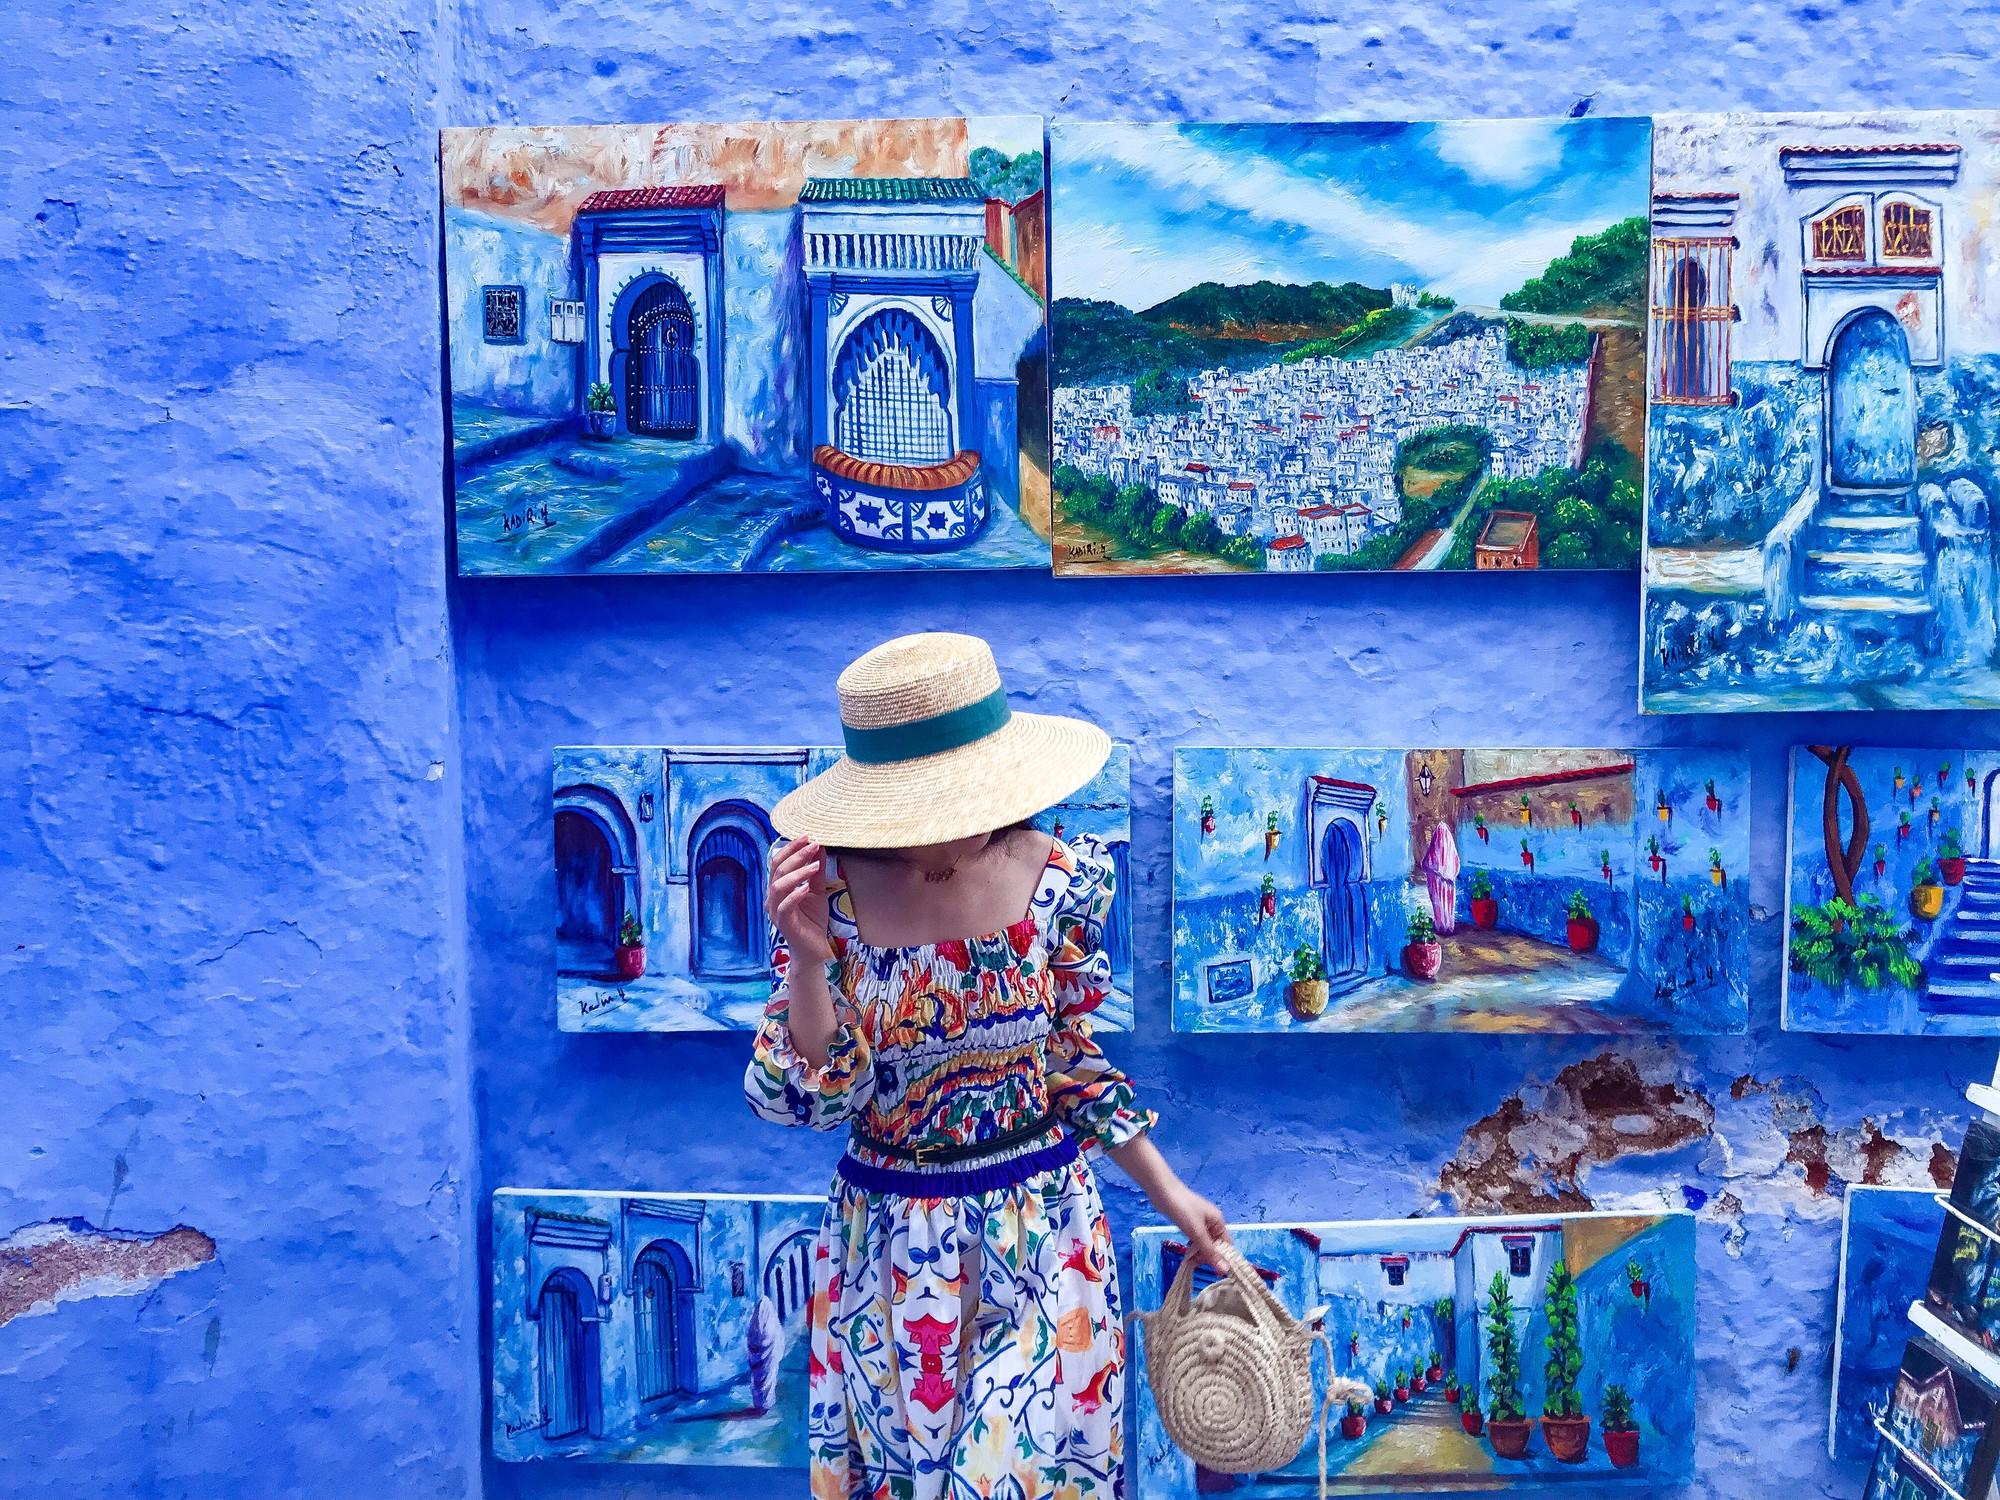 Để Mị nói cho mà nghe: Đi du lịch Morocco bây giờ đang là mốt đấy, không tin thì đọc thử bài review chi tiết này đi! - Ảnh 2.